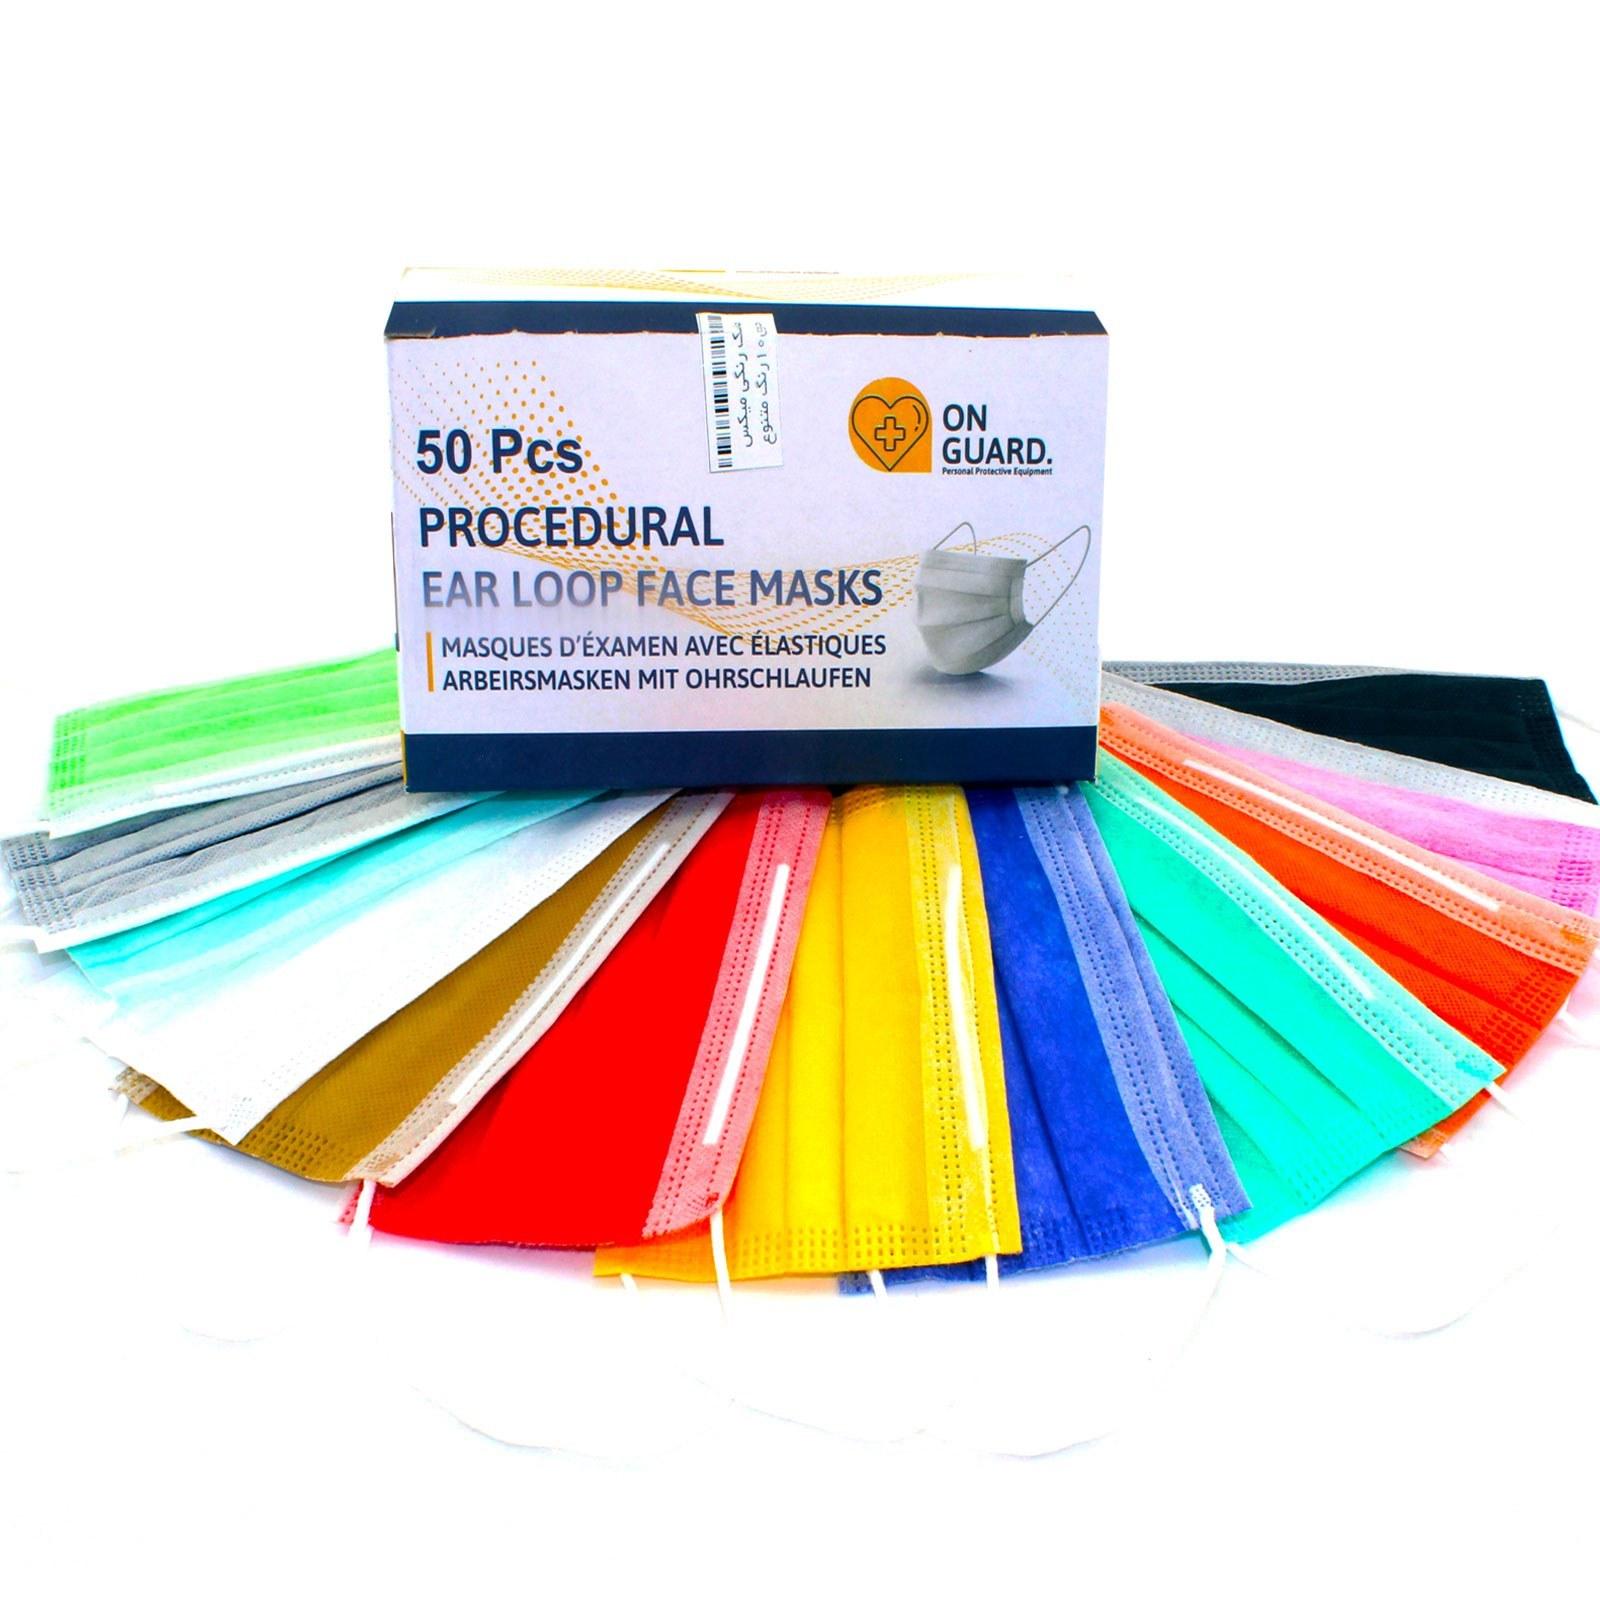 ماسک رنگی تنفسی پزشکی سه لایه شامل 10 رنگ متنوع 50عددی